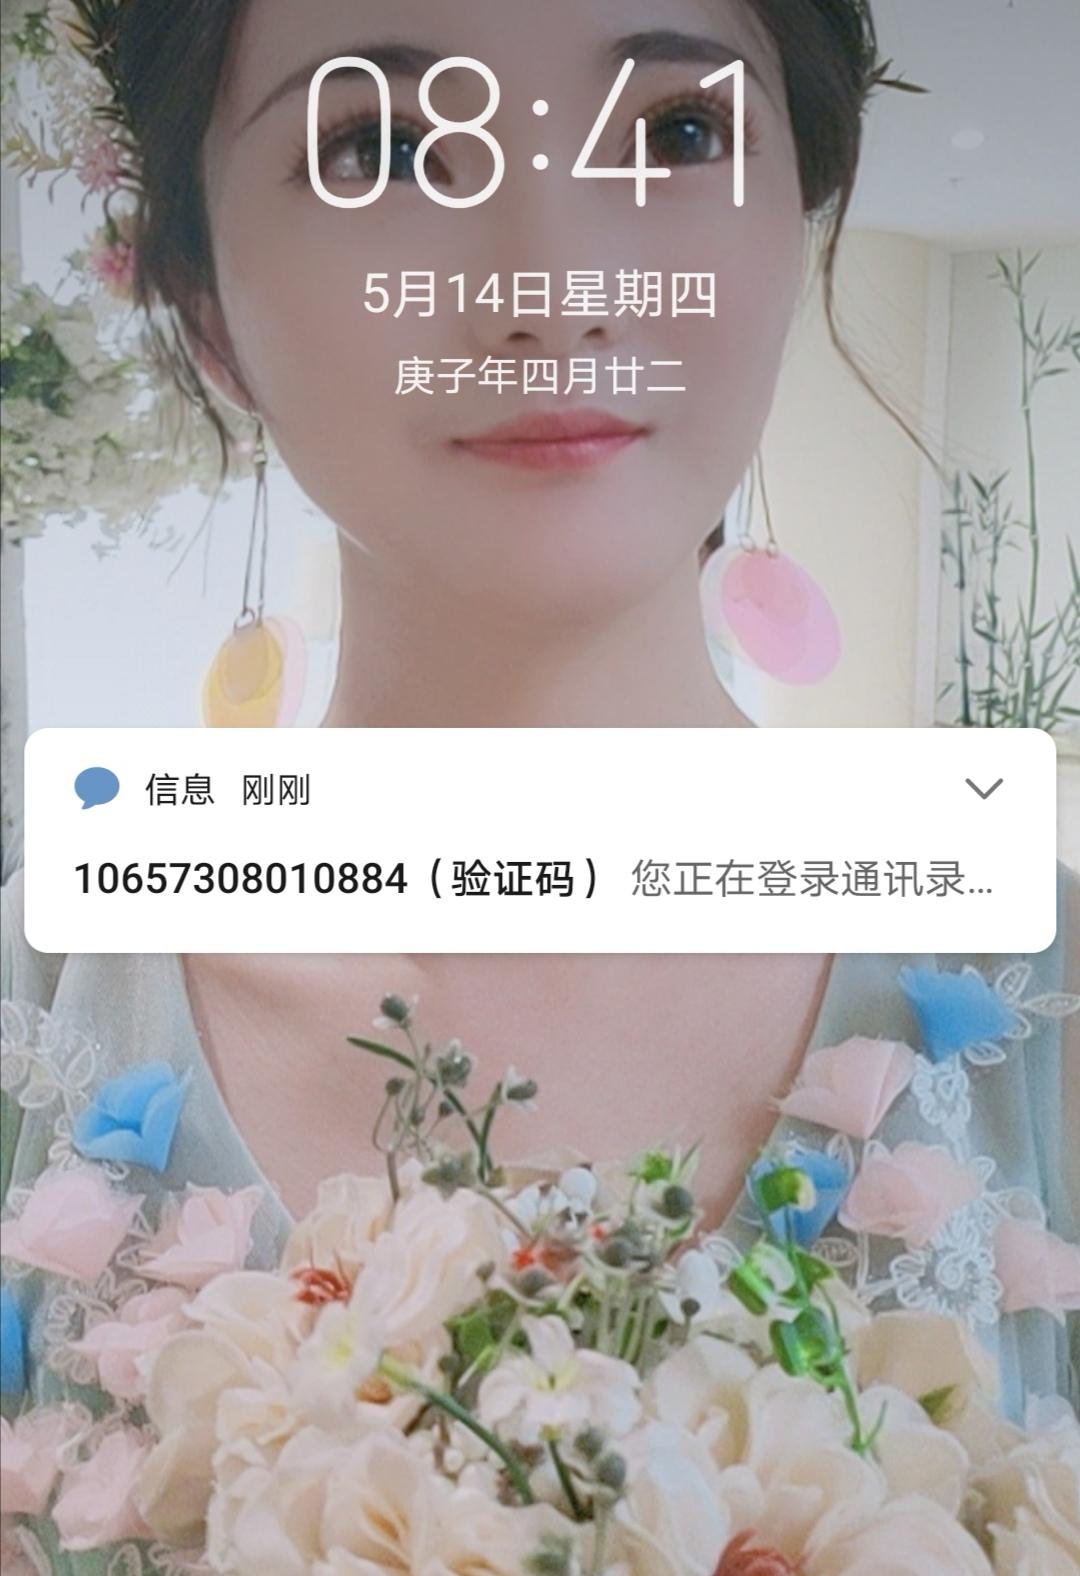 Screenshot_20200514_084437.jpg